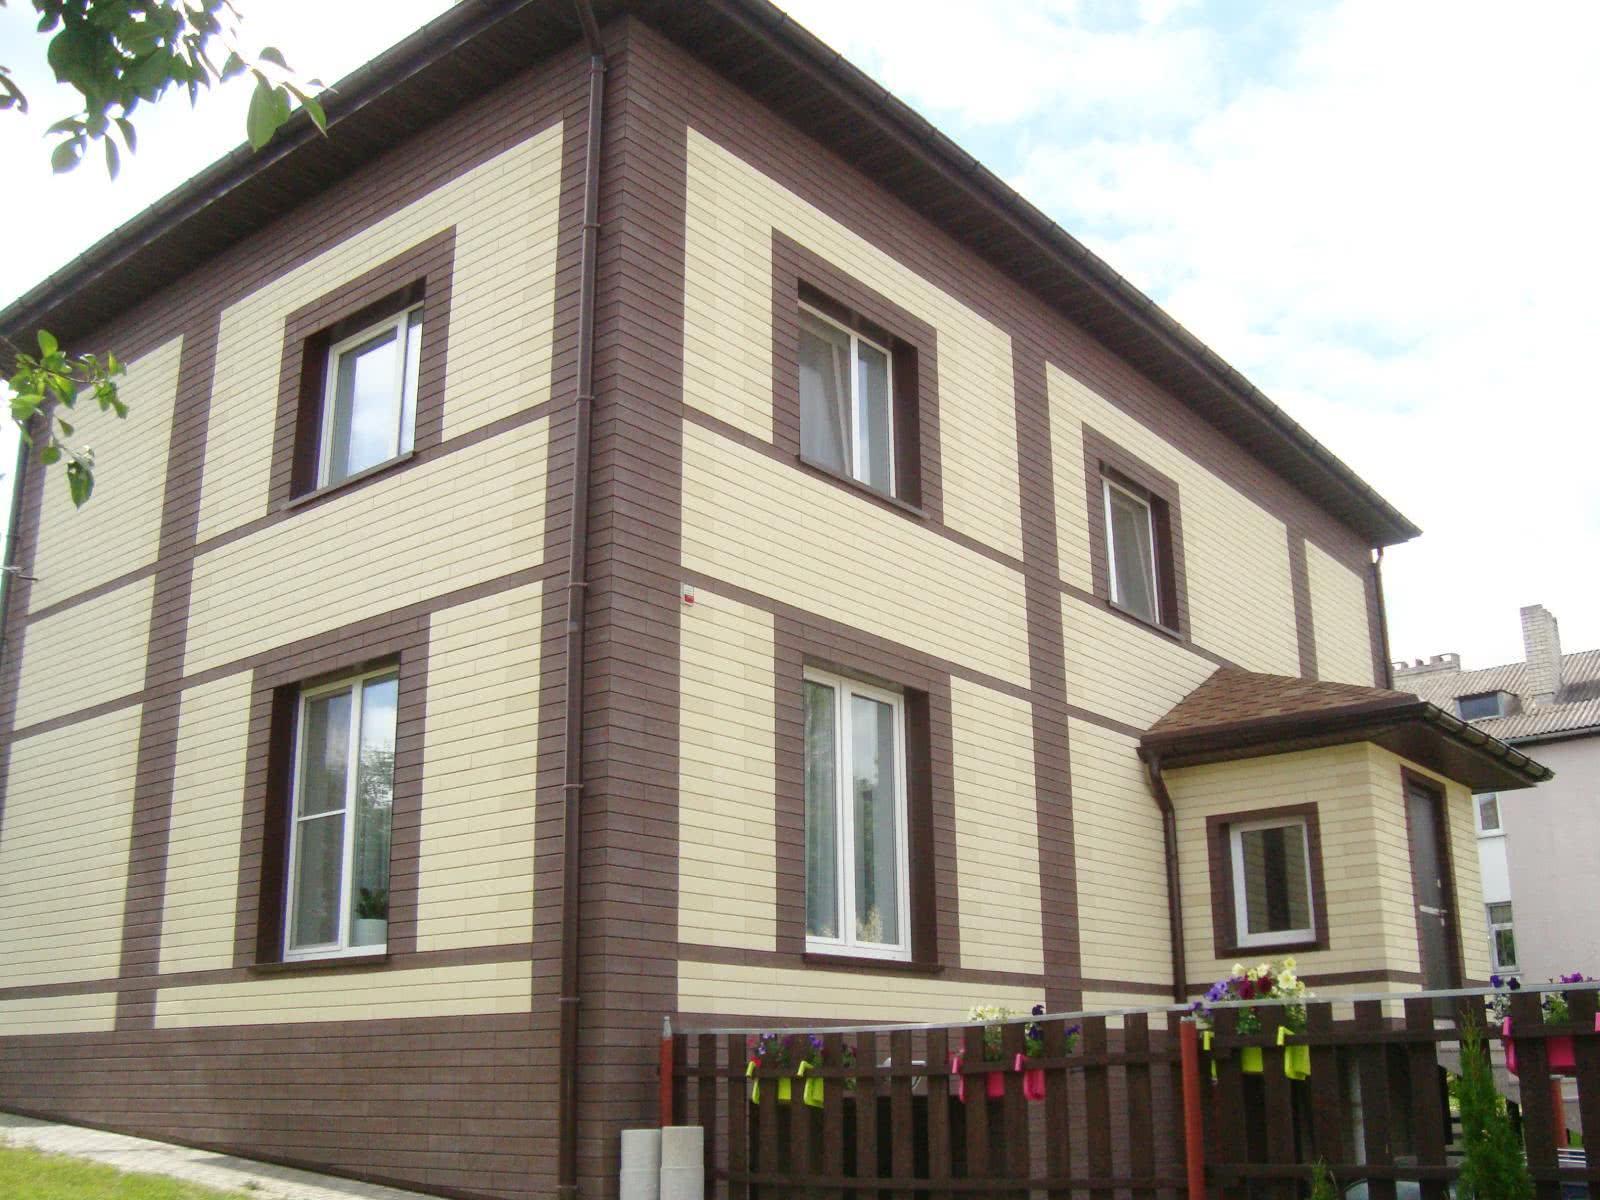 Купить 4-этажный коттедж в Заславле, ул. Ефремова, Минская область - фото 5